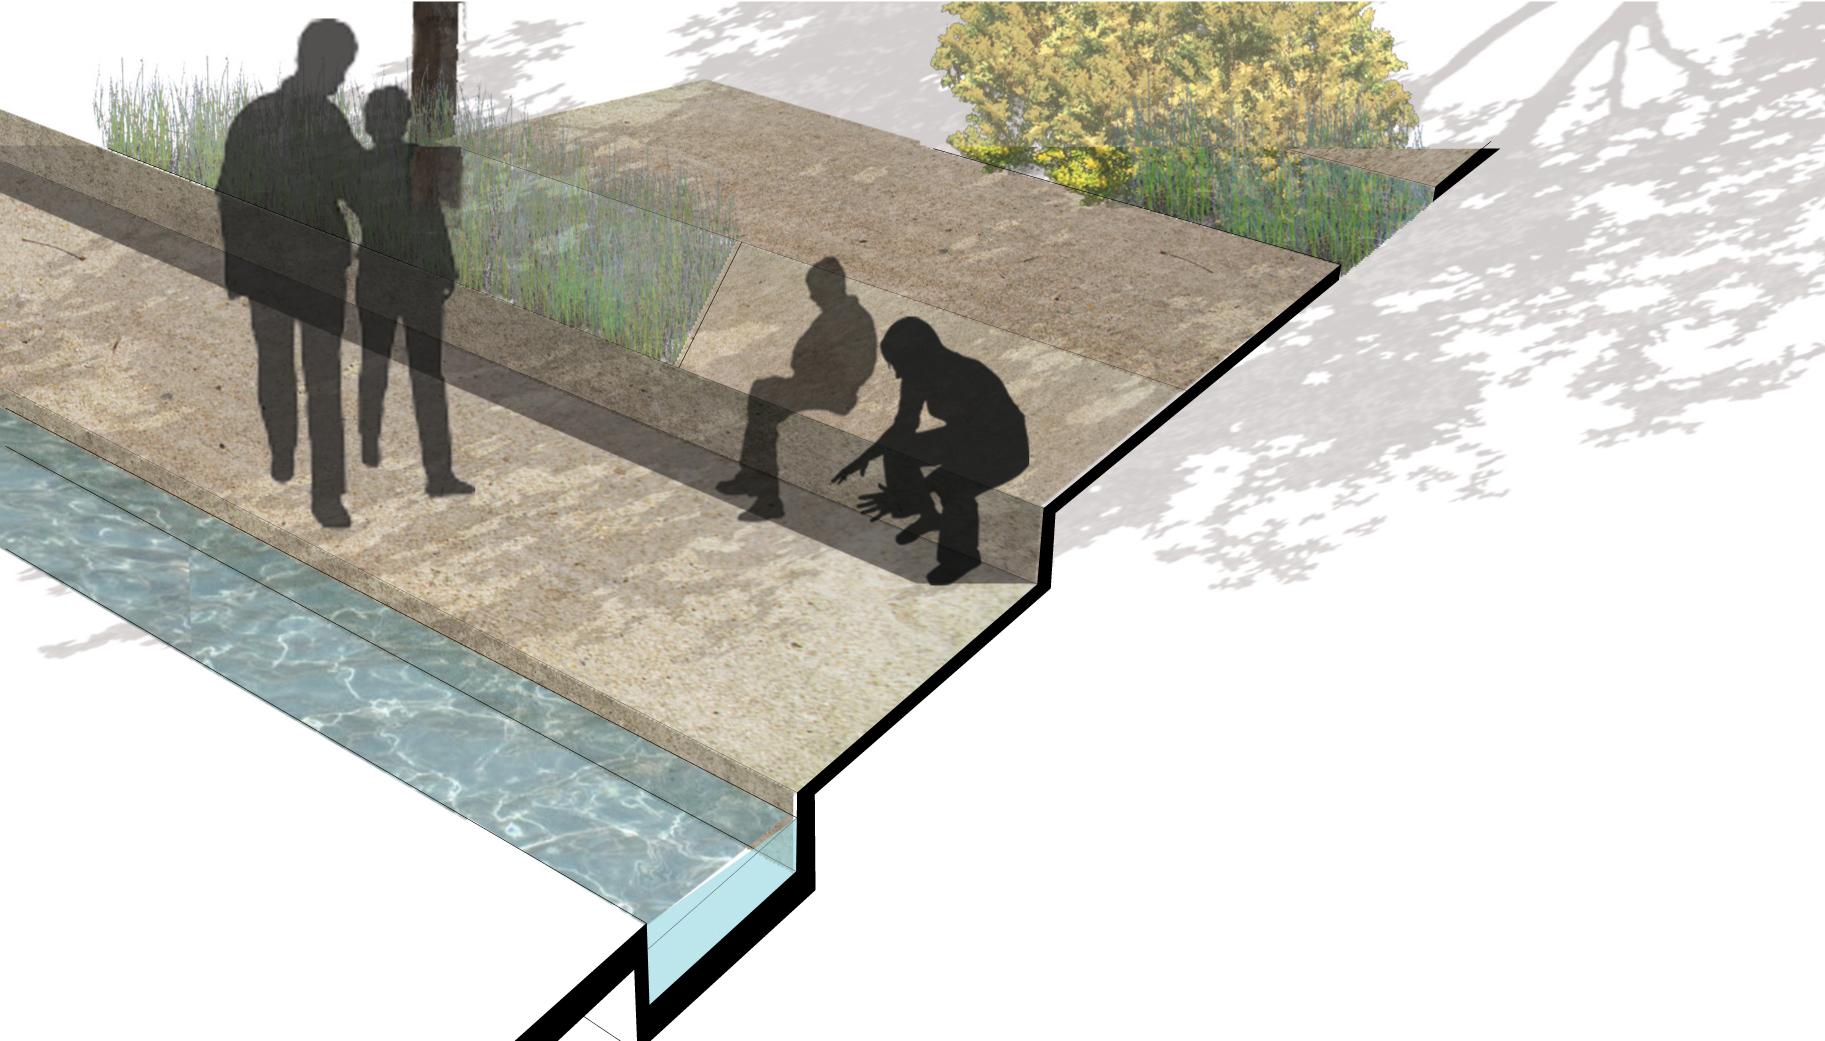 BA_godrej_prototype water channel axo.jpg